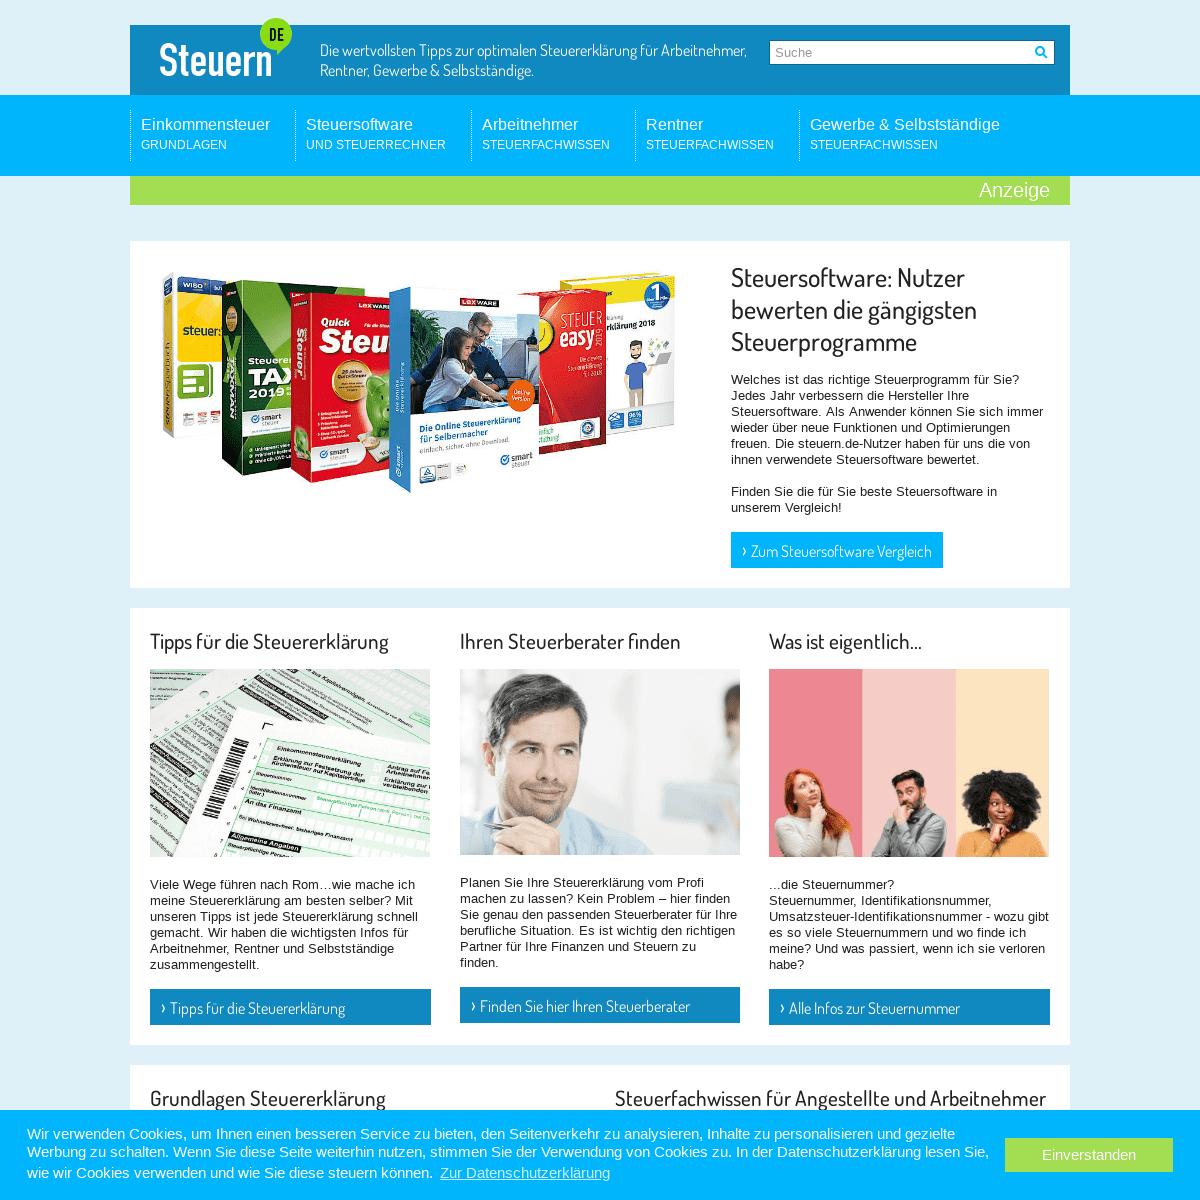 ArchiveBay.com - steuern.de - Steuererklärung einfach gemacht - Steuern.de